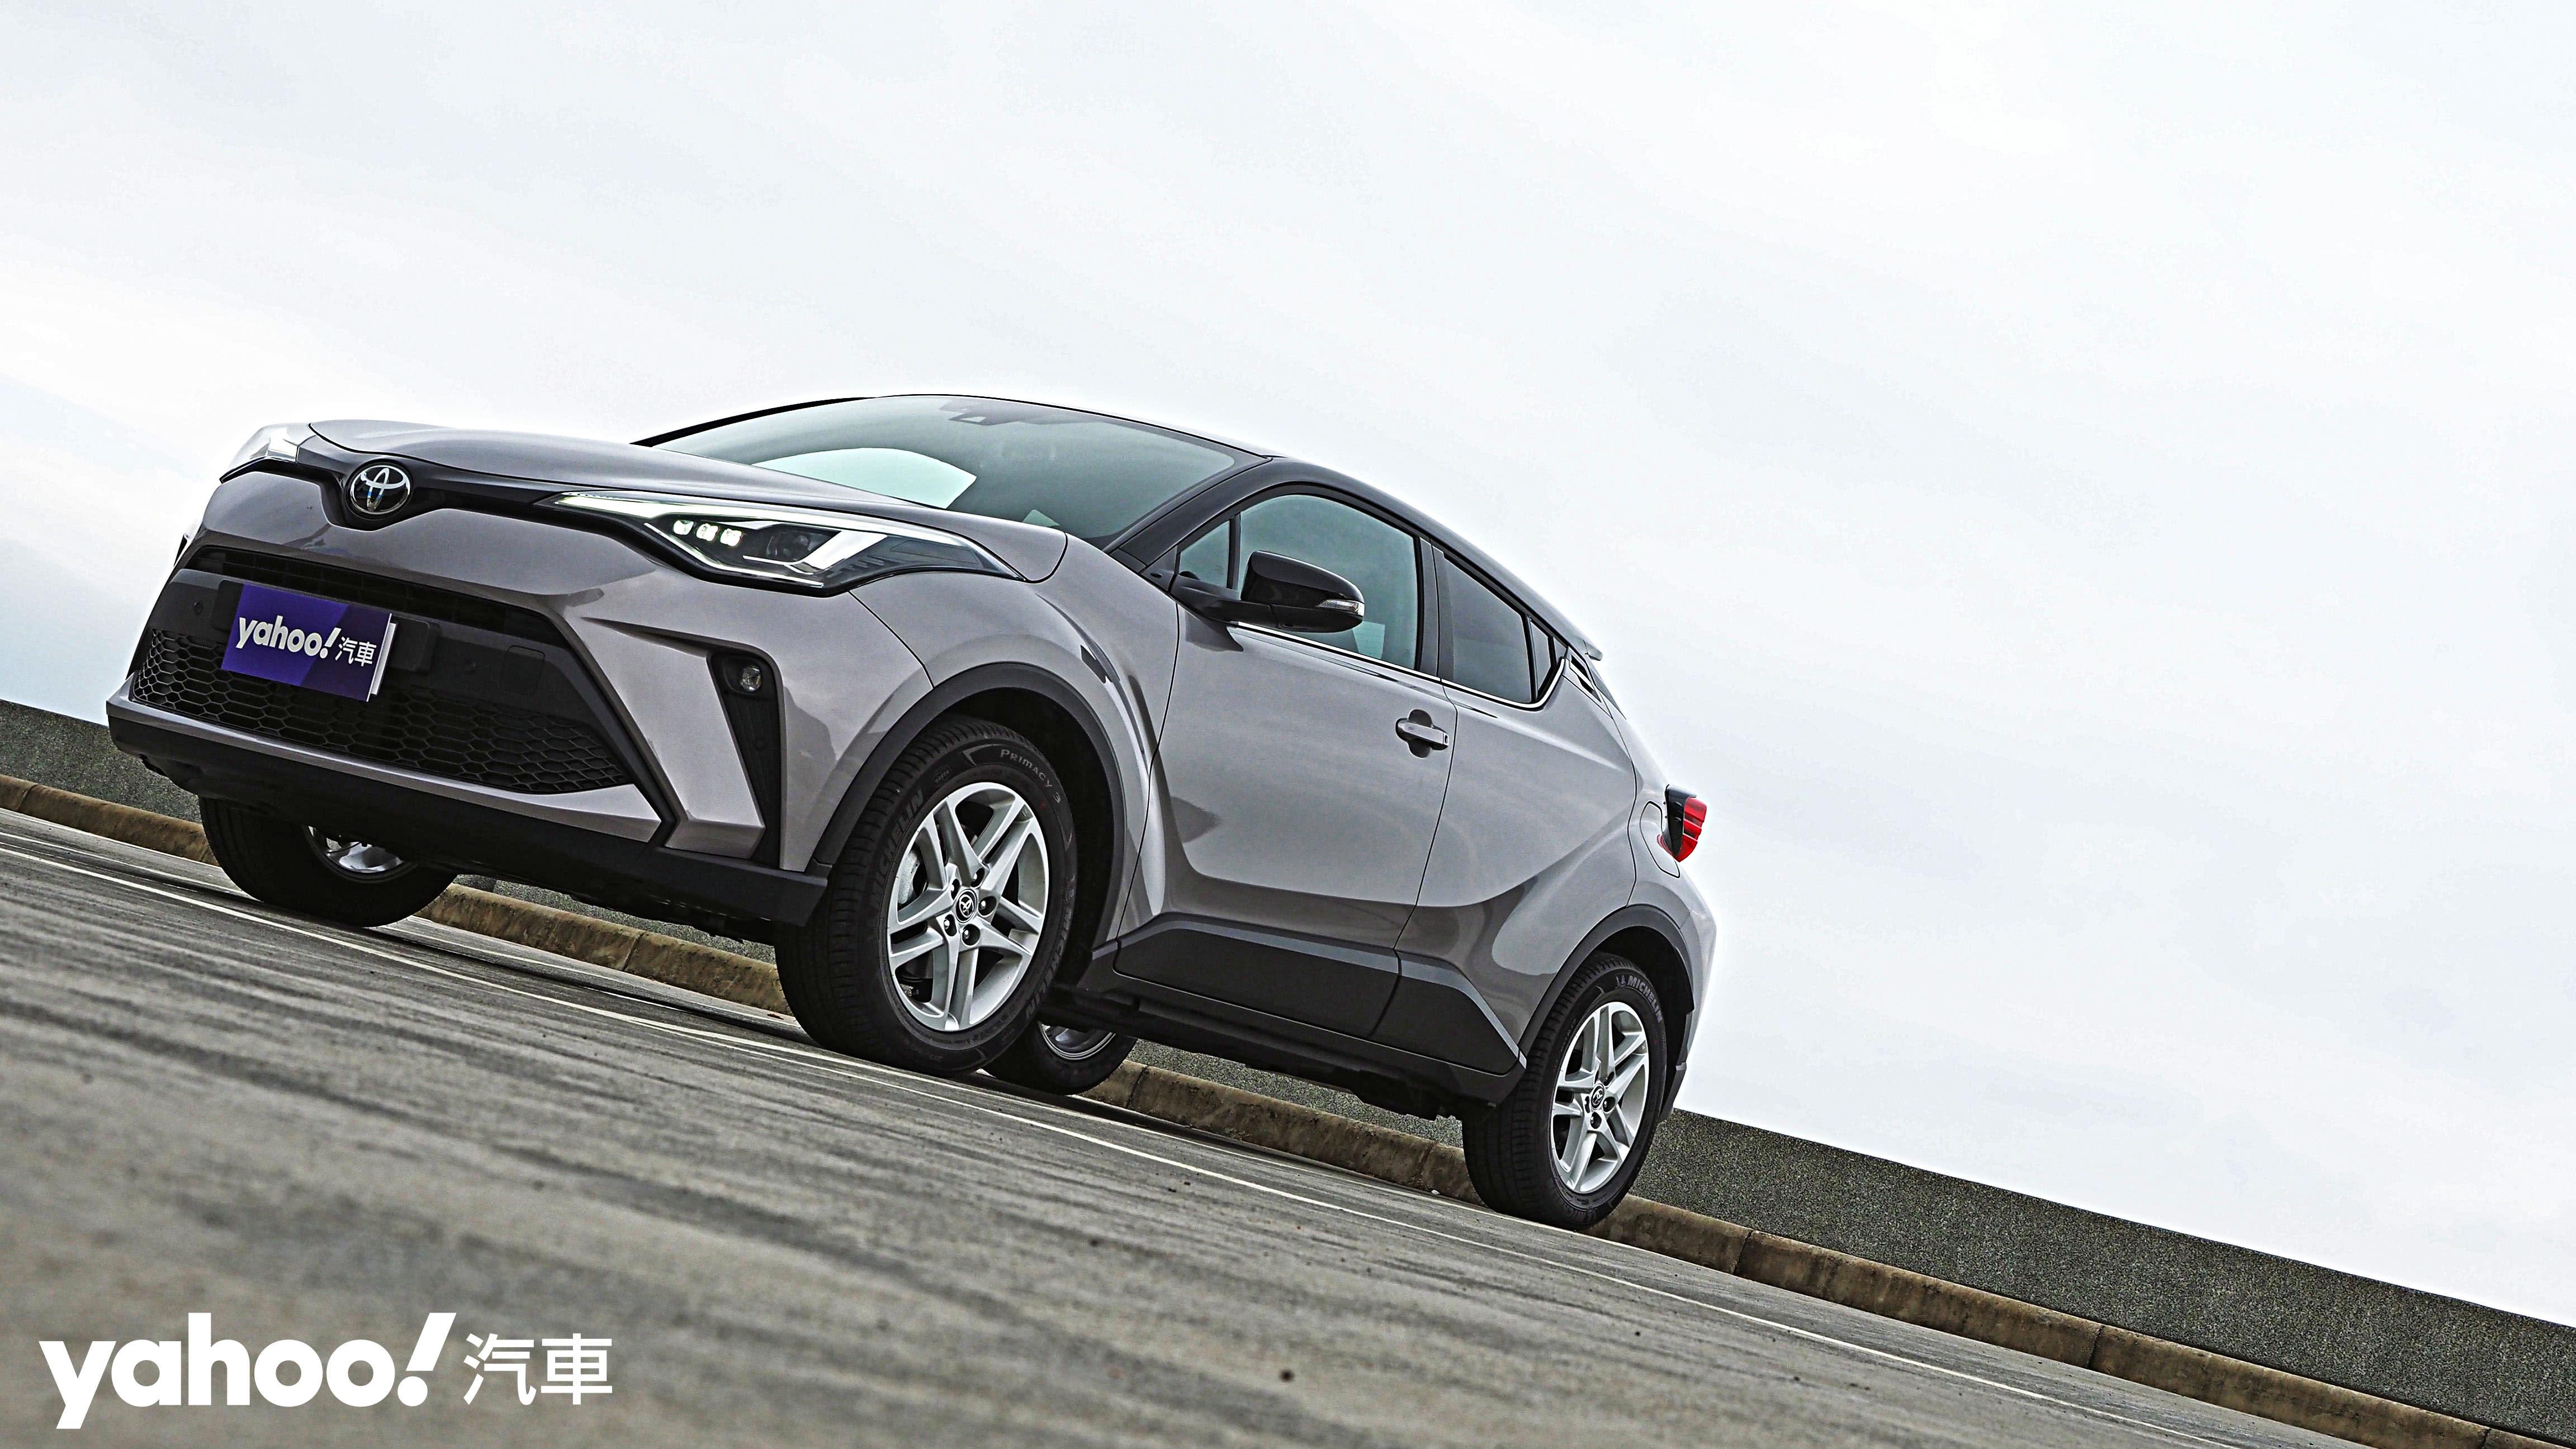 【新車圖輯】玩心四溢的視覺勁道力!2020 Toyota C-HR尊爵AWD小改款試駕!